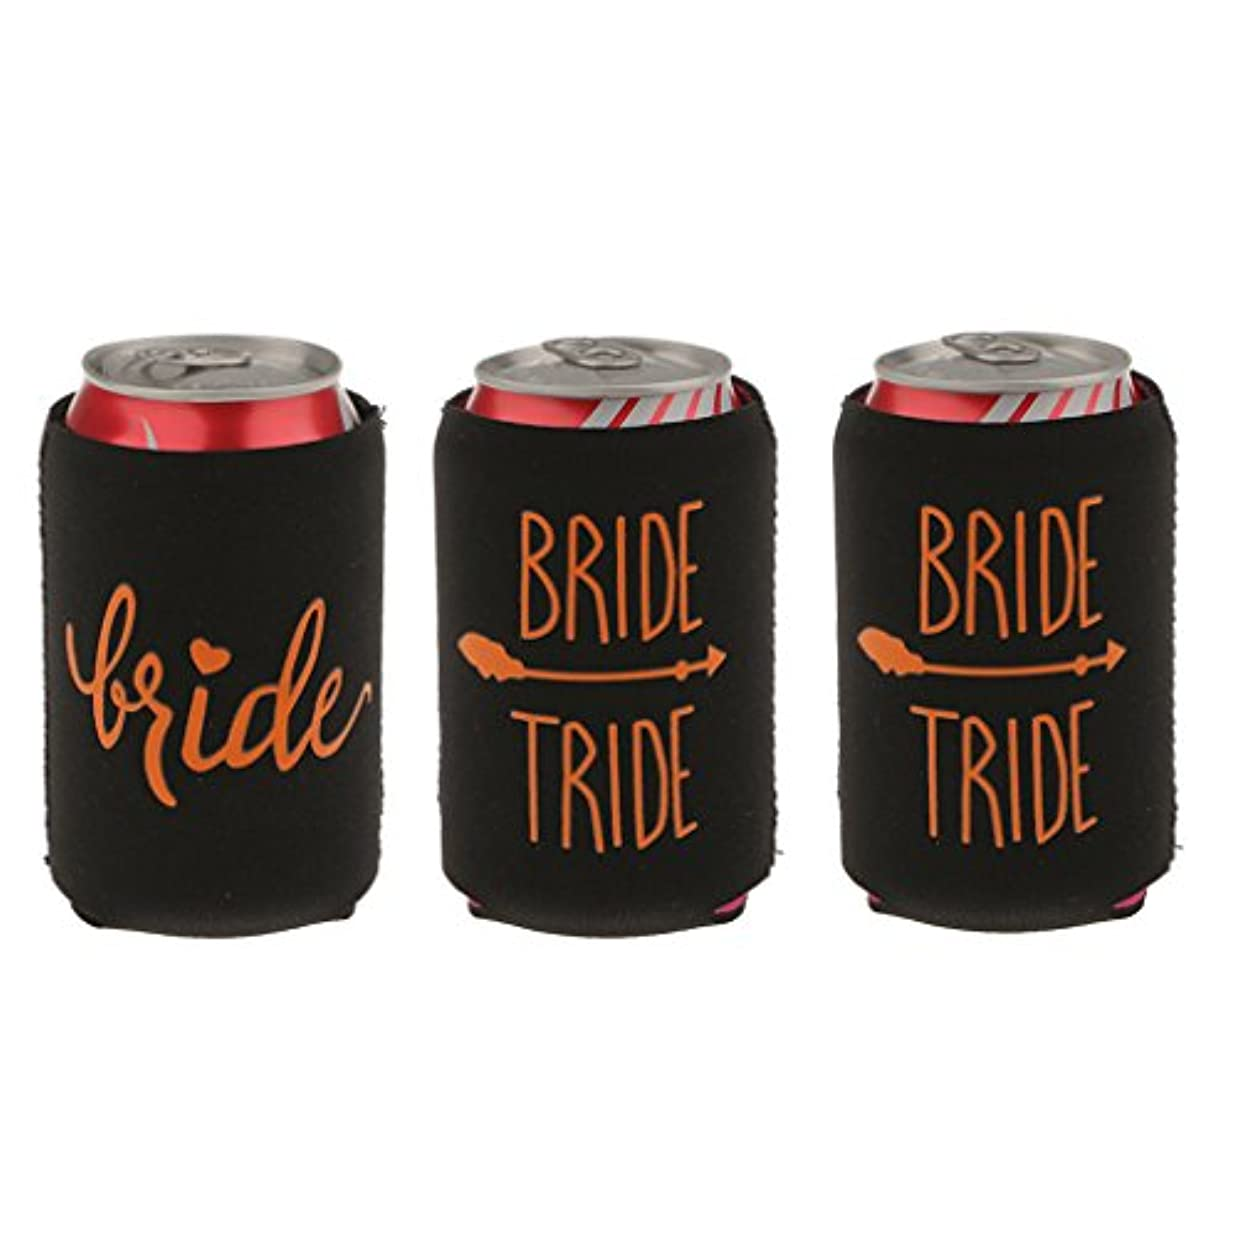 リボンカブ鎮痛剤3枚セット 缶クーラー スリーブ カバー 缶クージー スズ 保冷 保温 ビール コーヒー ネオプレン